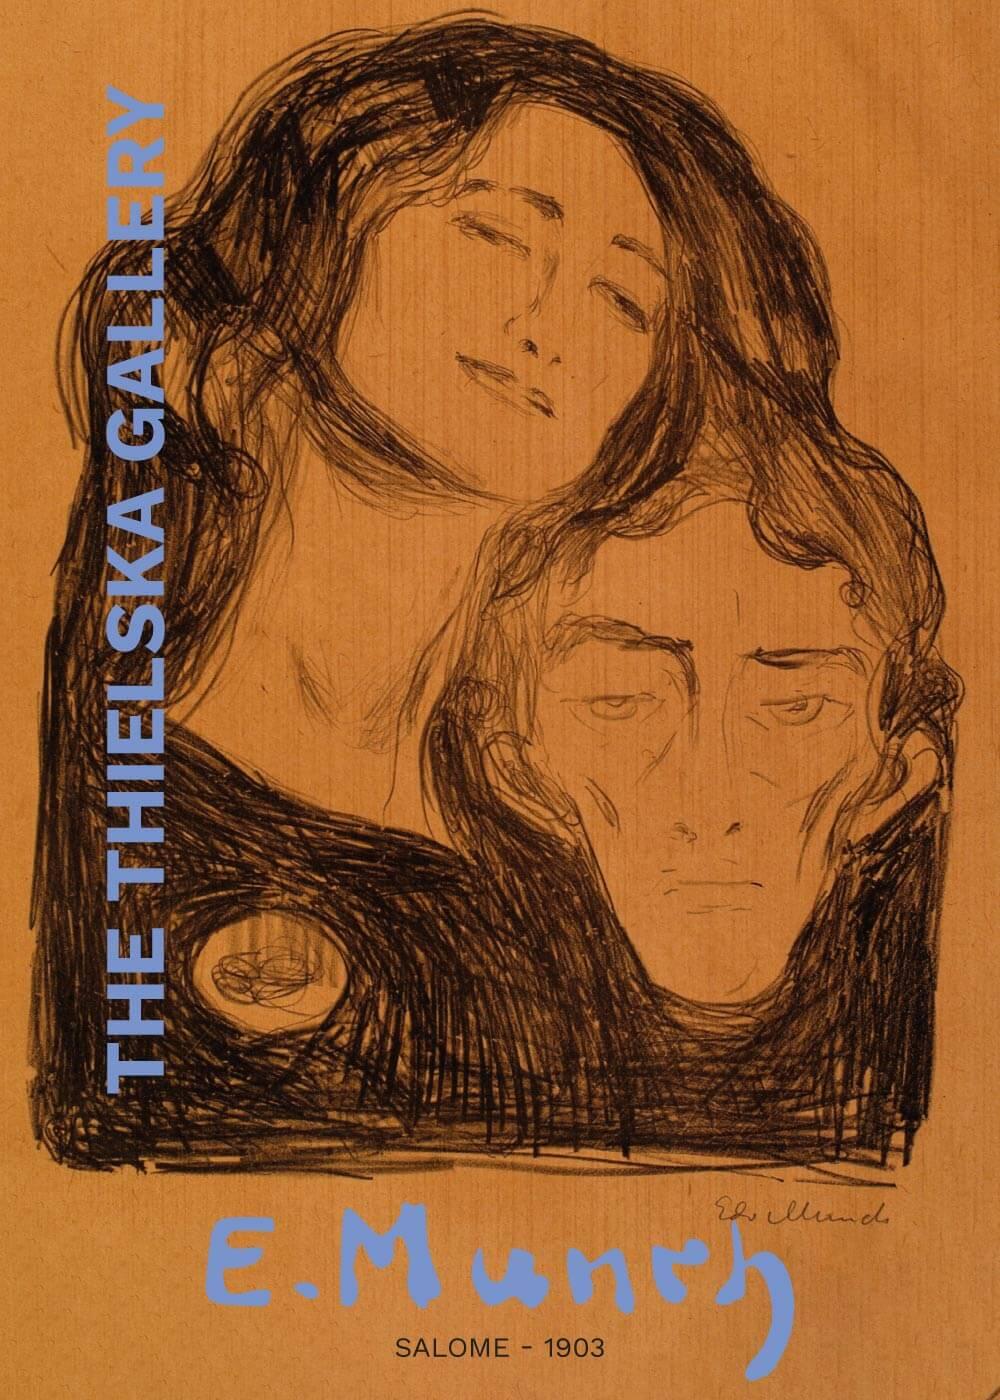 Salome - Edvard Munch